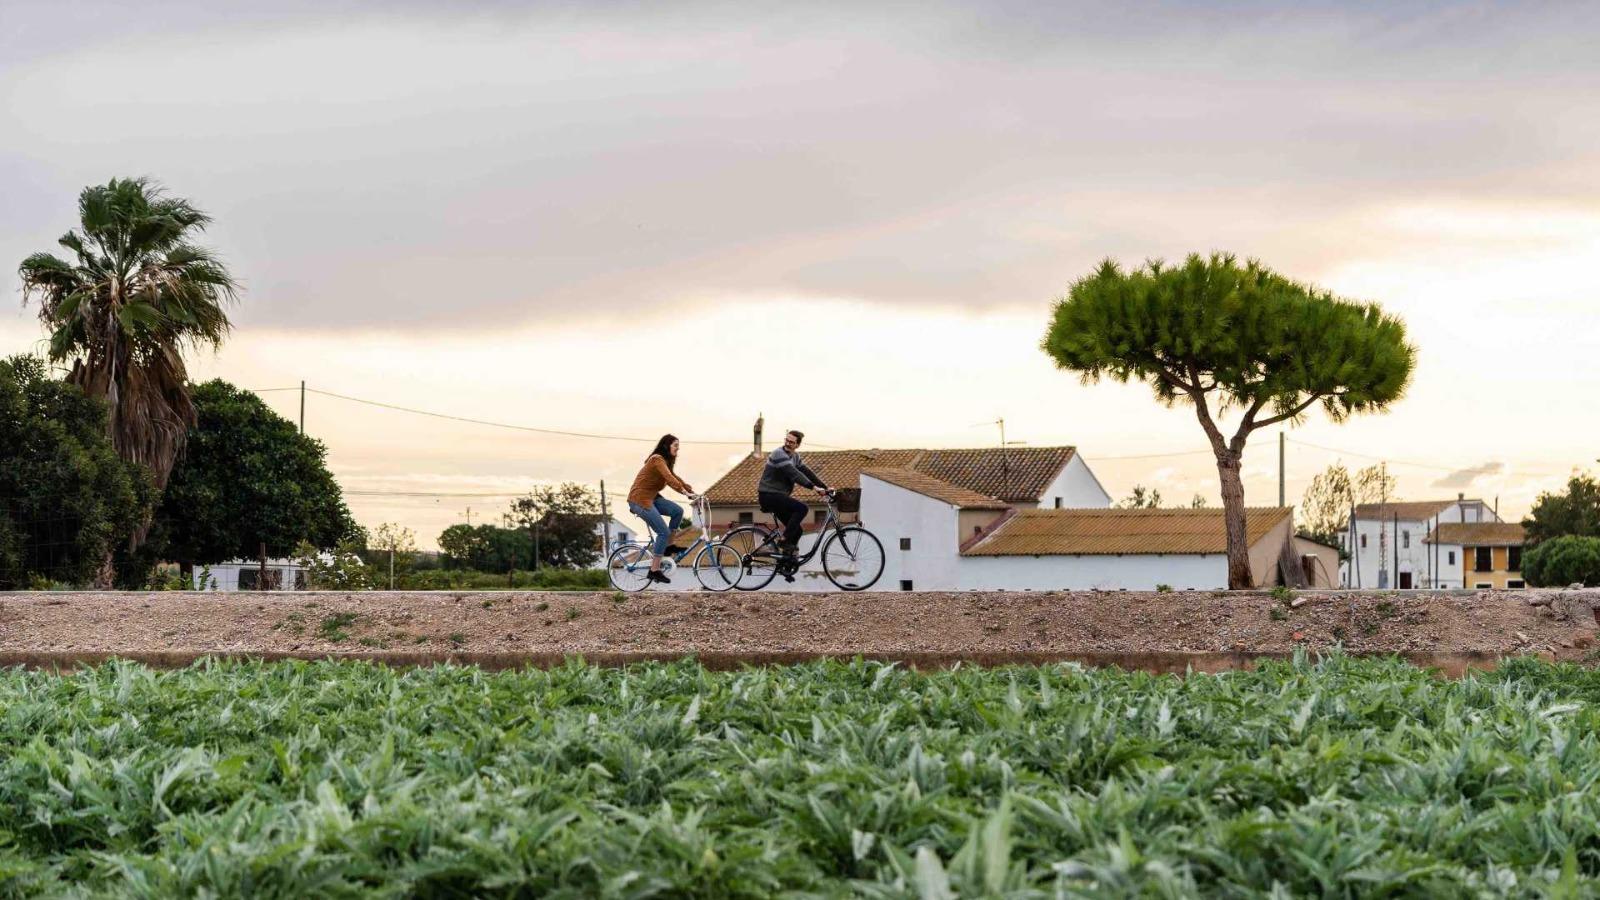 Generalitat y Ayuntamiento de València colaboran para mejorar las conexiones ciclistas metropolitanas